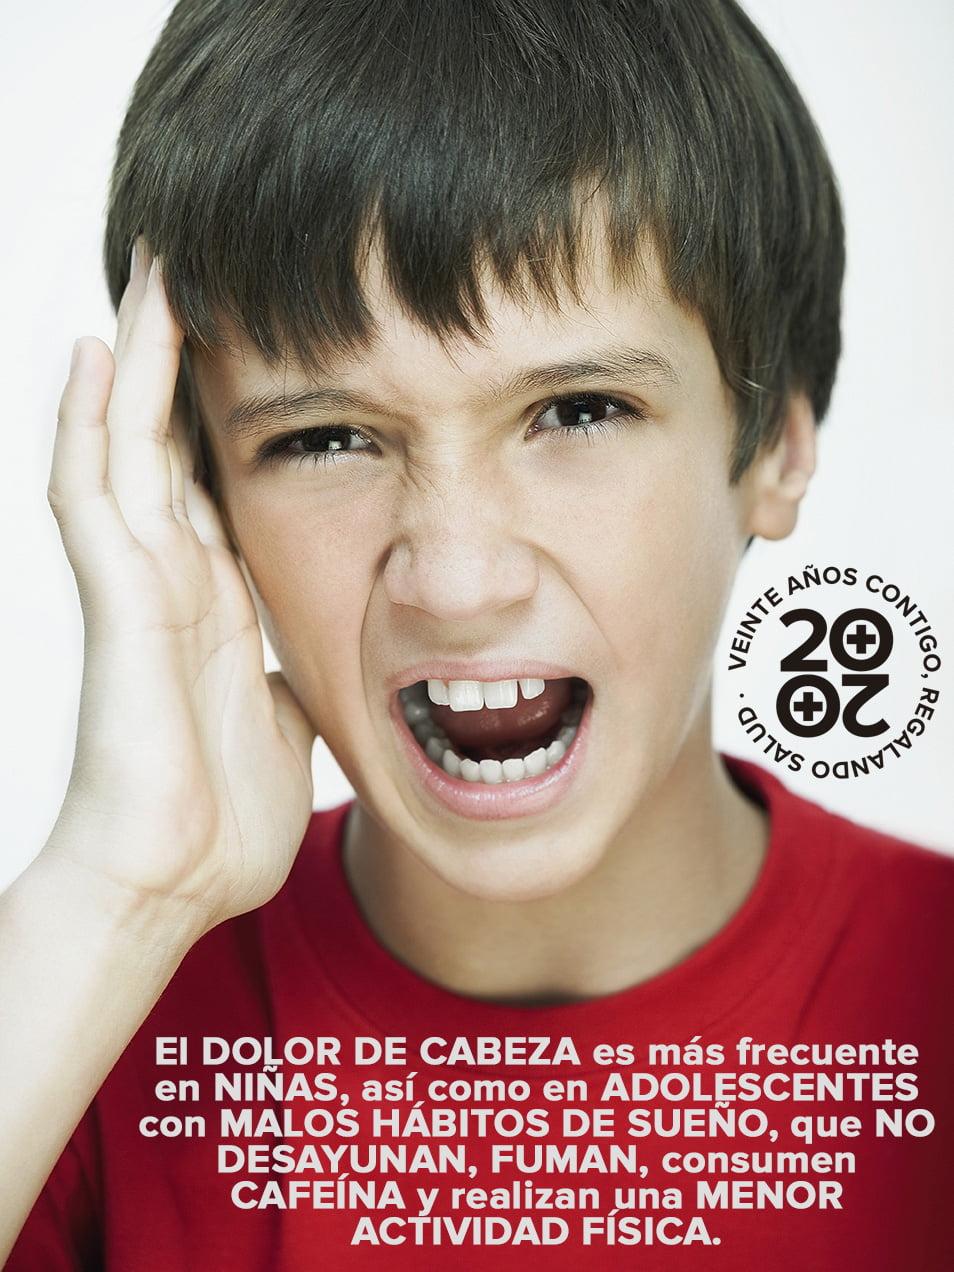 La adolescencia es un período crucial para algunos dolores de cabeza primarios